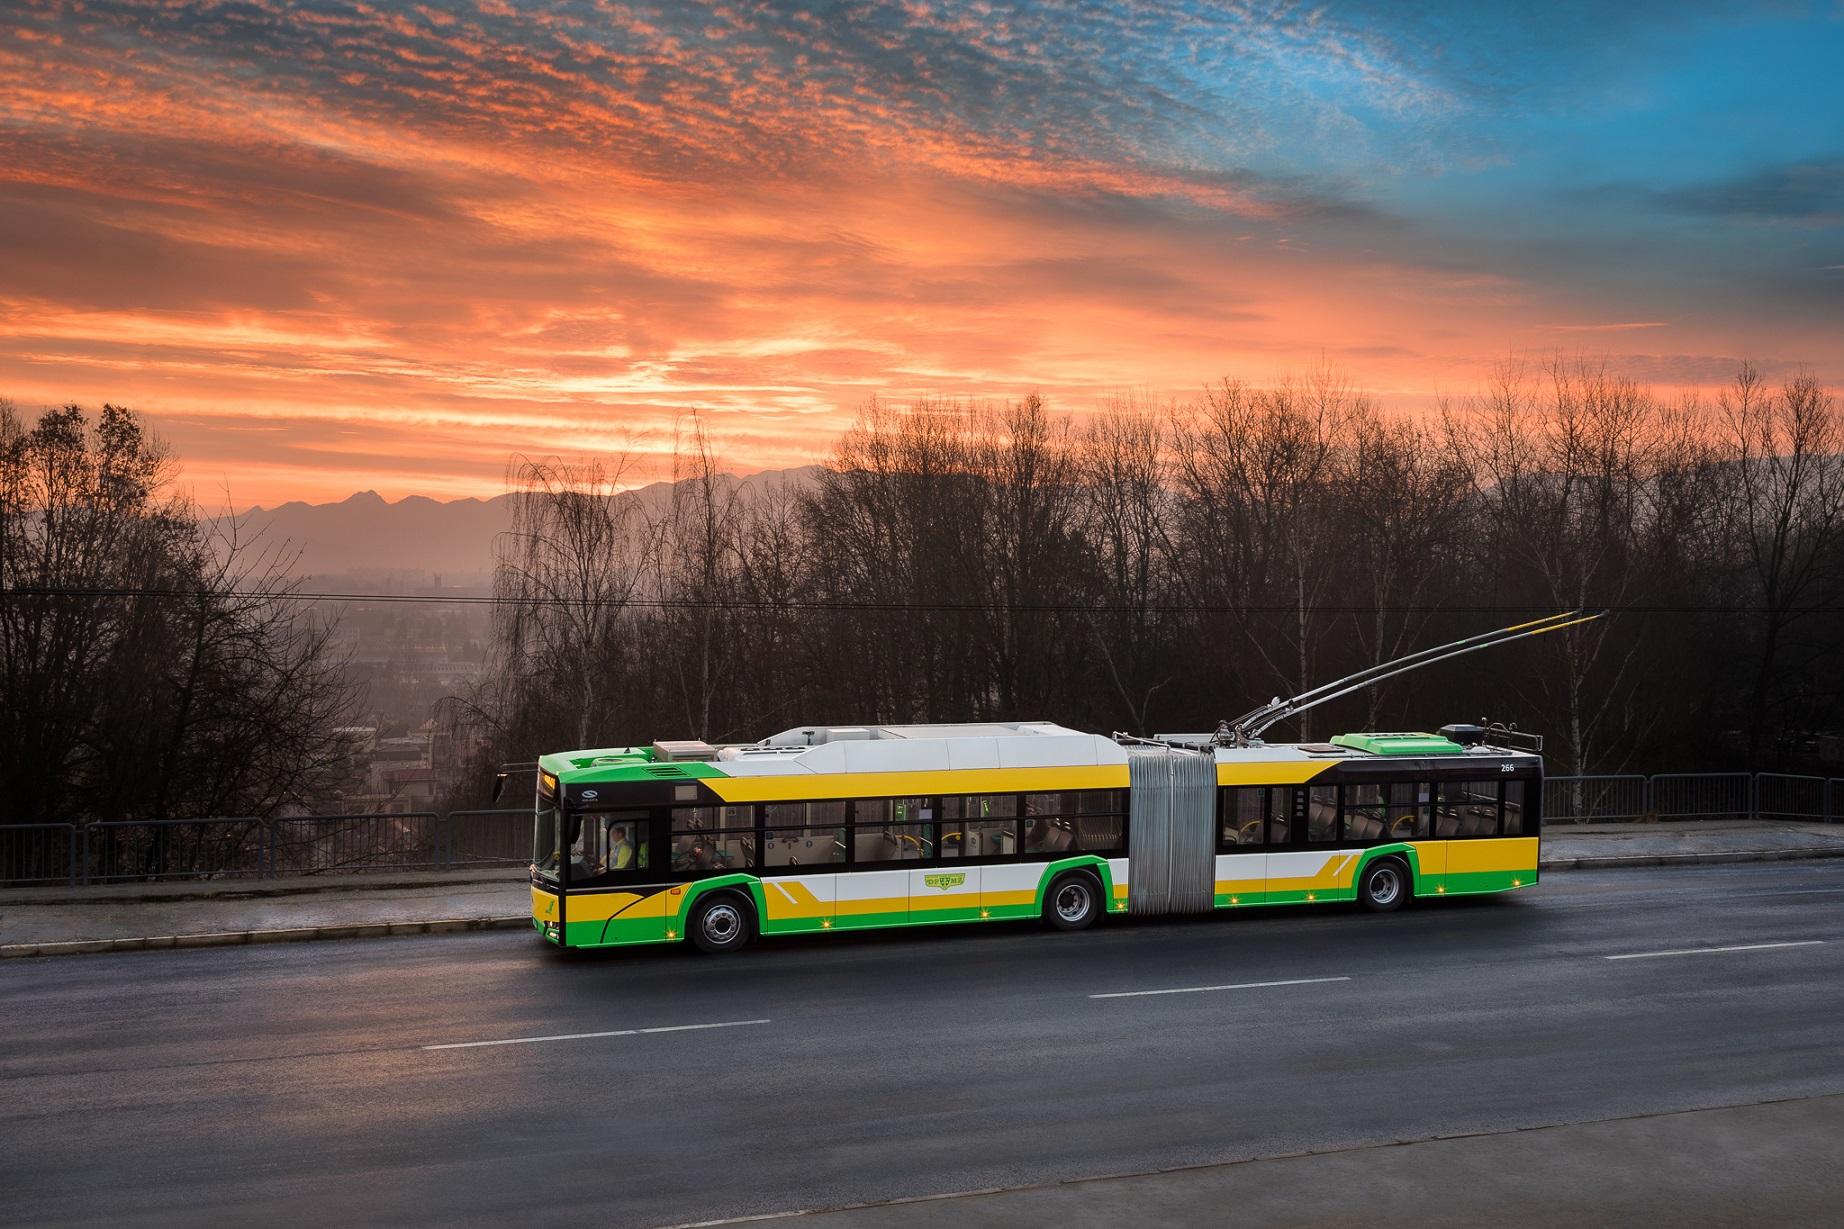 transportul în comun a fost suplimentat cu 25 de troleibuze noi